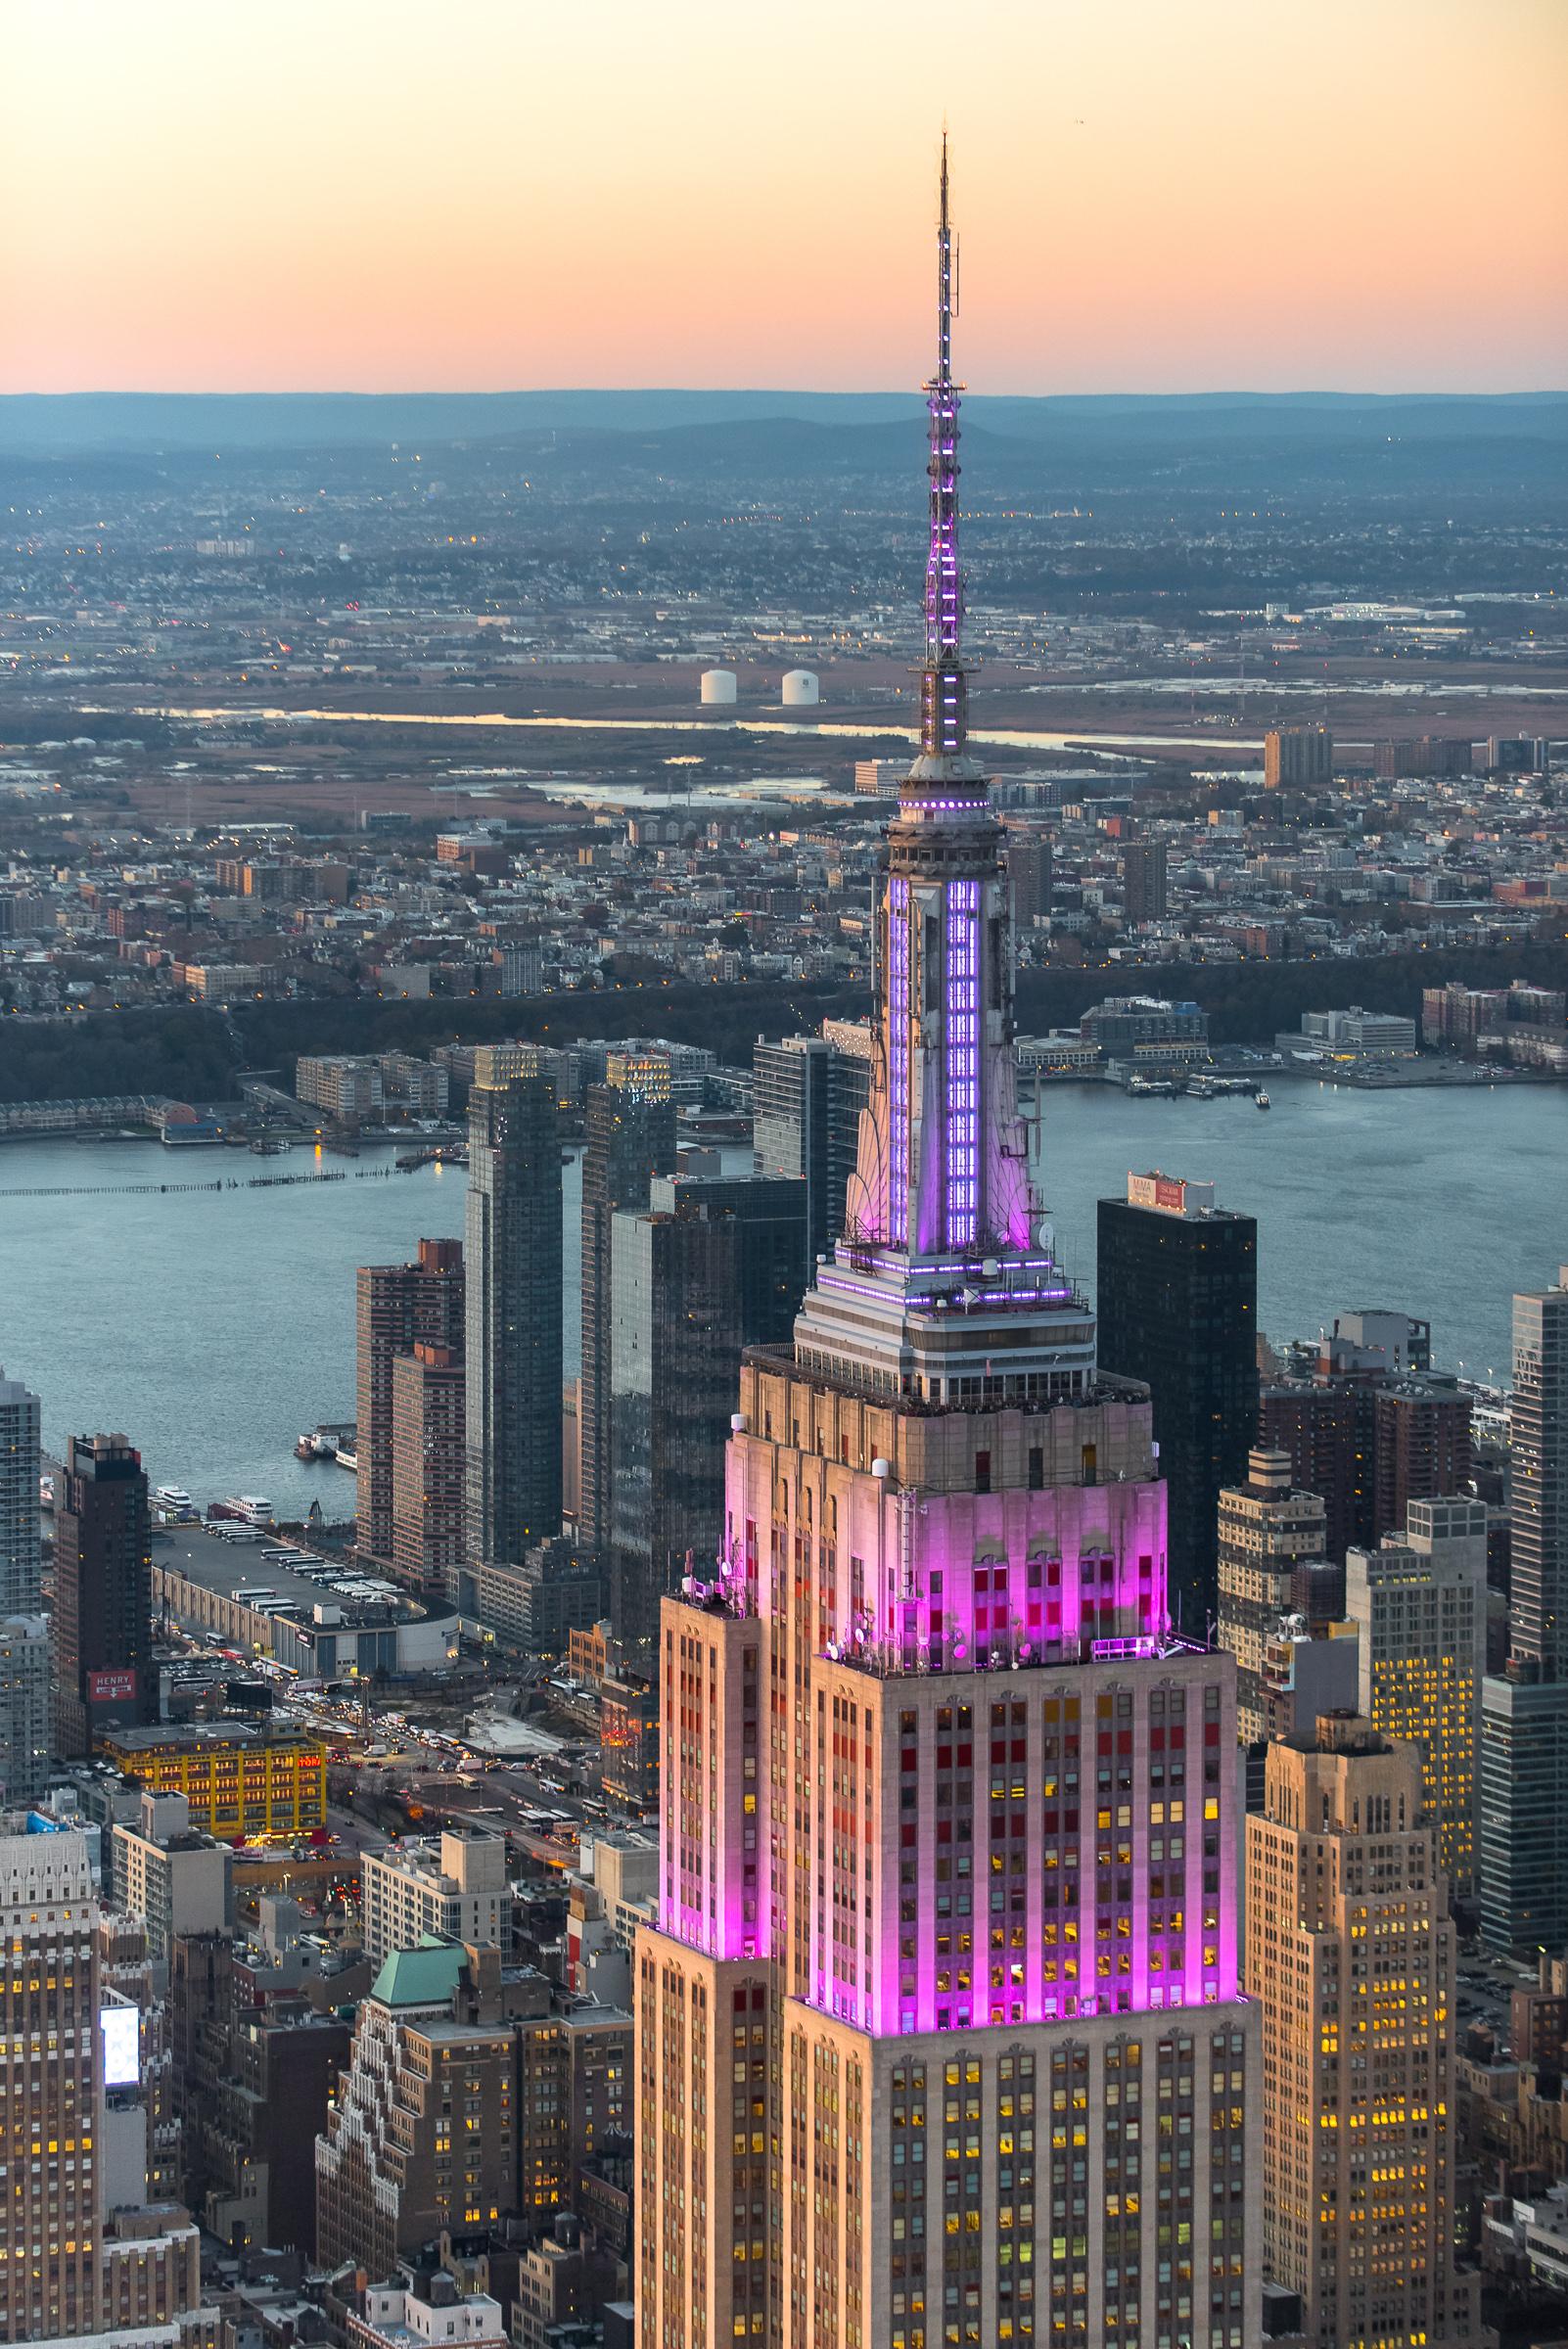 empirestate_typoland_aerial.jpg